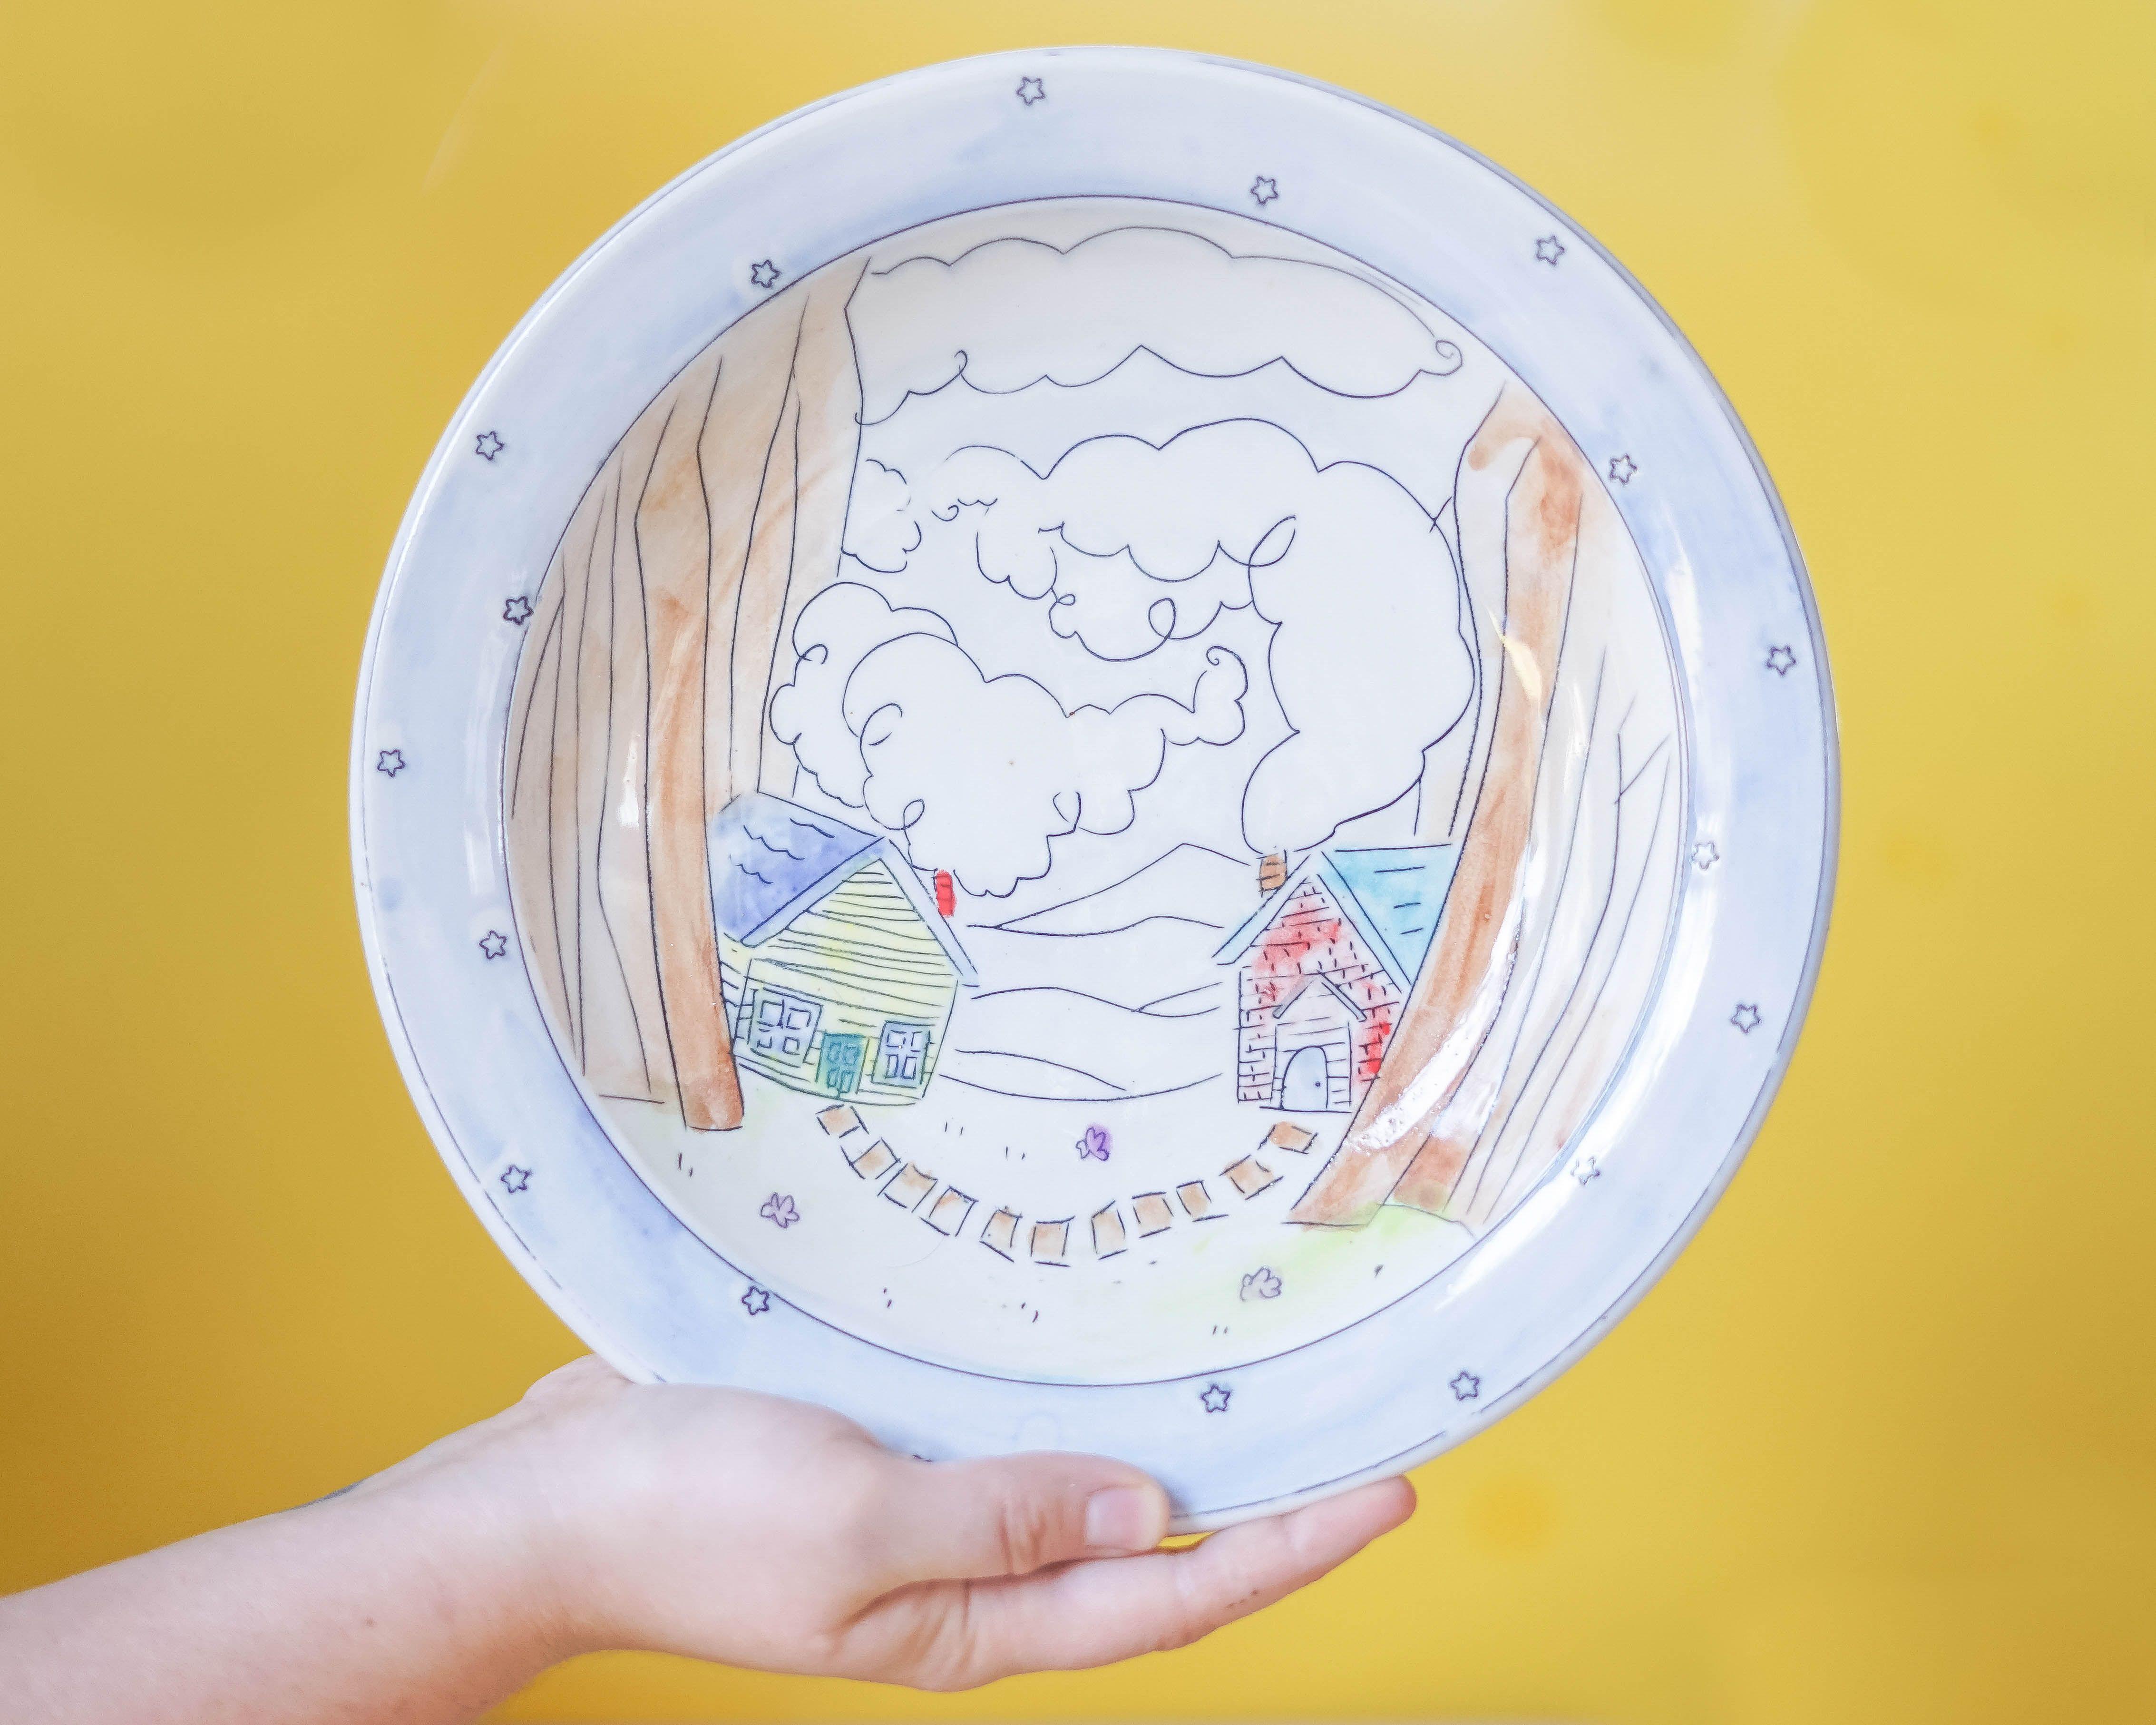 A fav 🤘 🤘 🤘  . . . . . #potteryLove #potterylover #potterybowl #potteryglaze #potteryporn #potterymaking #moldmaking #potterydesign #potteryaddict #potteryforall #potteryvase #potteryfun #potterymugs #ceramicsdaily #ceramicsart #instapottery